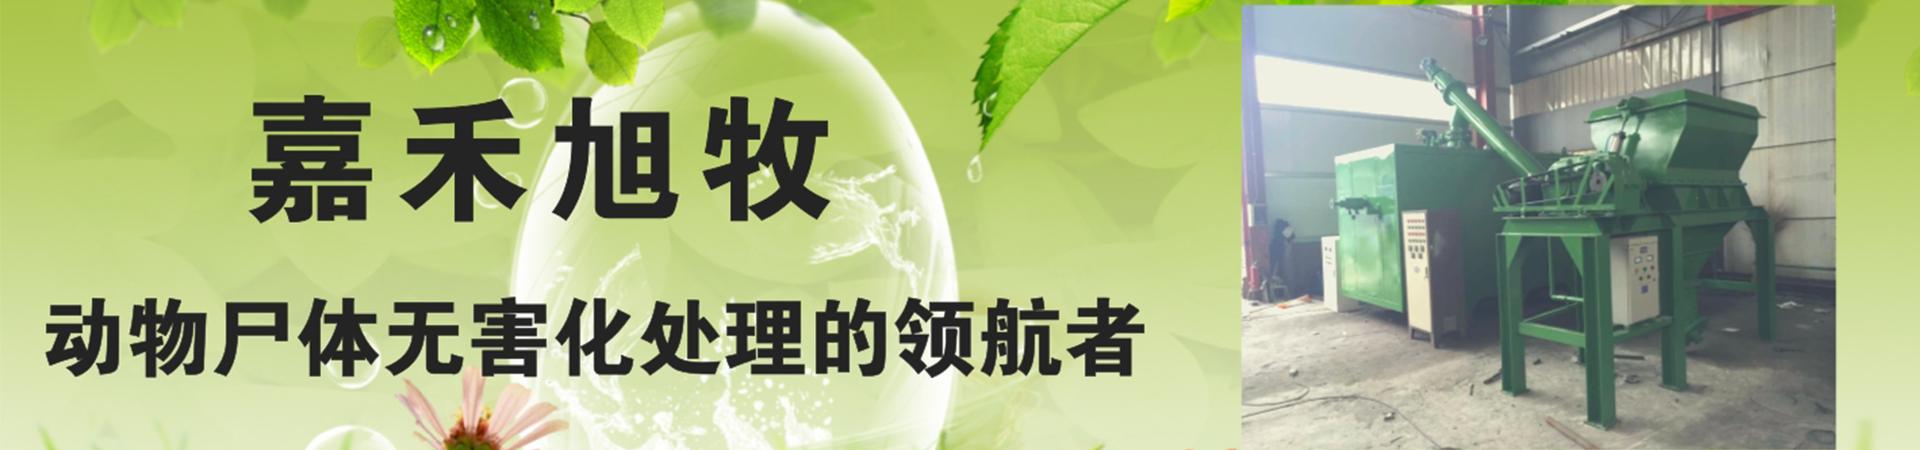 北京嘉禾旭牧科技有限公司公司介紹